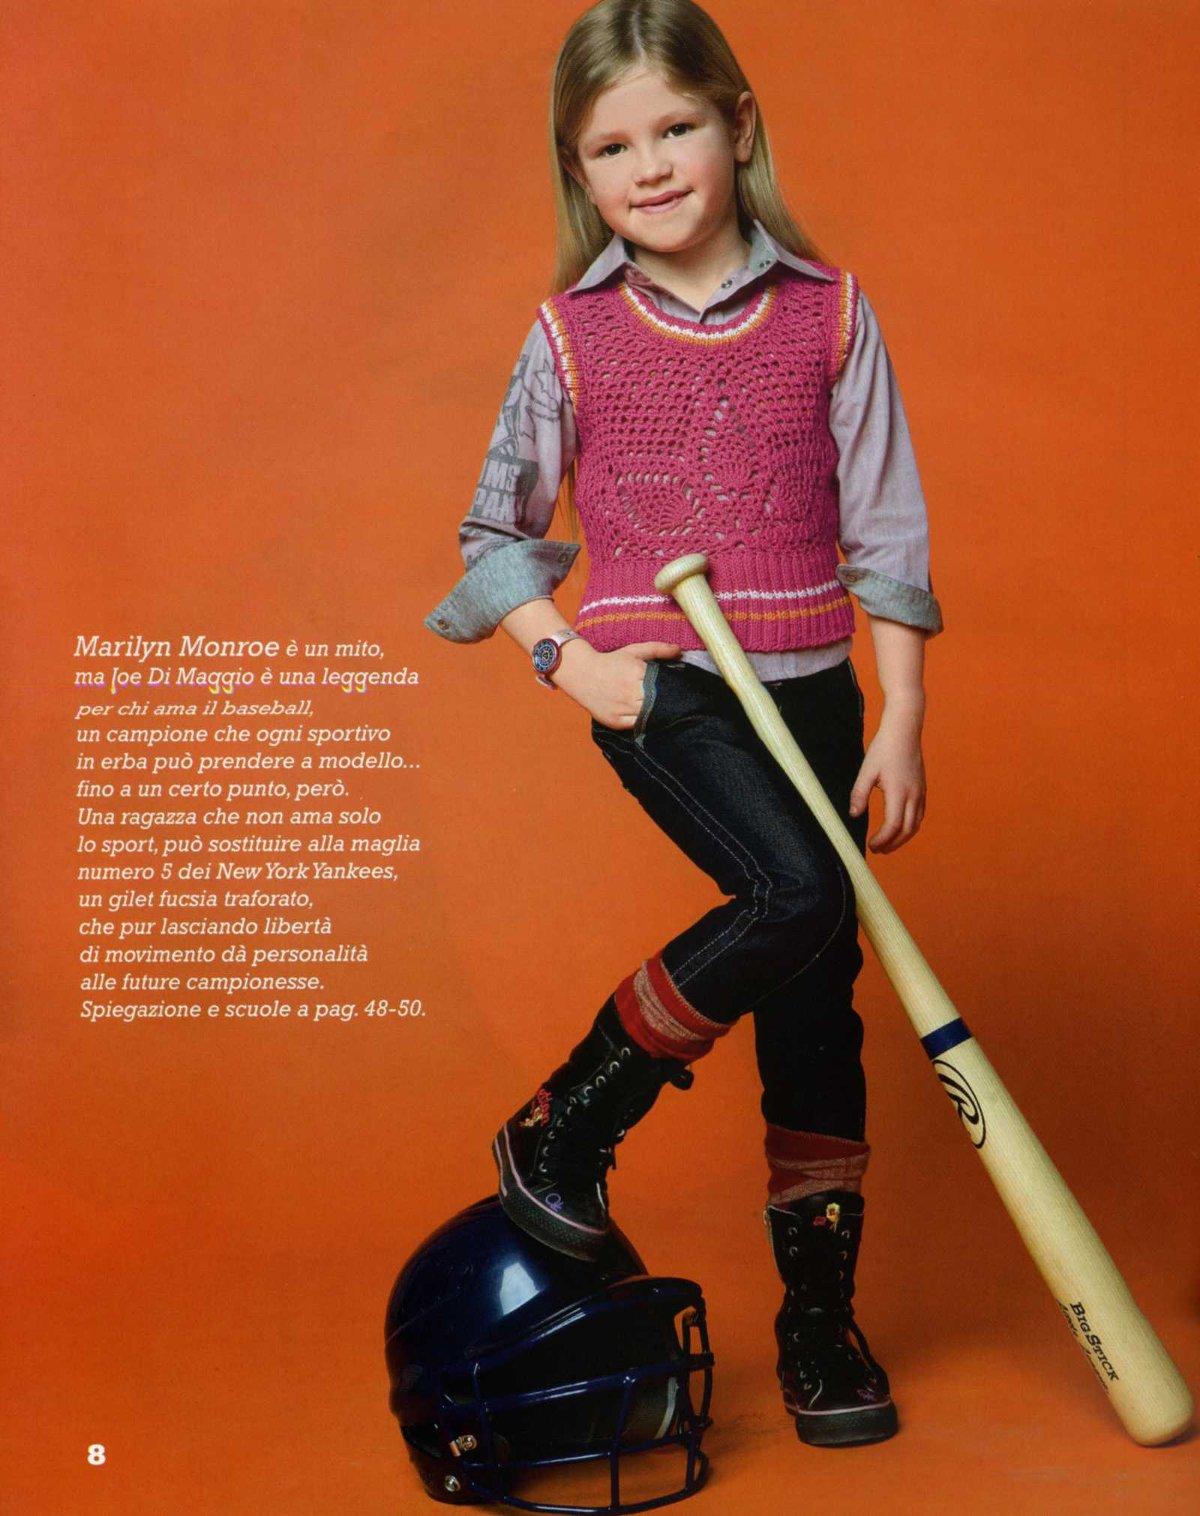 схема вязание спицами жилетки для девочки 10 лет